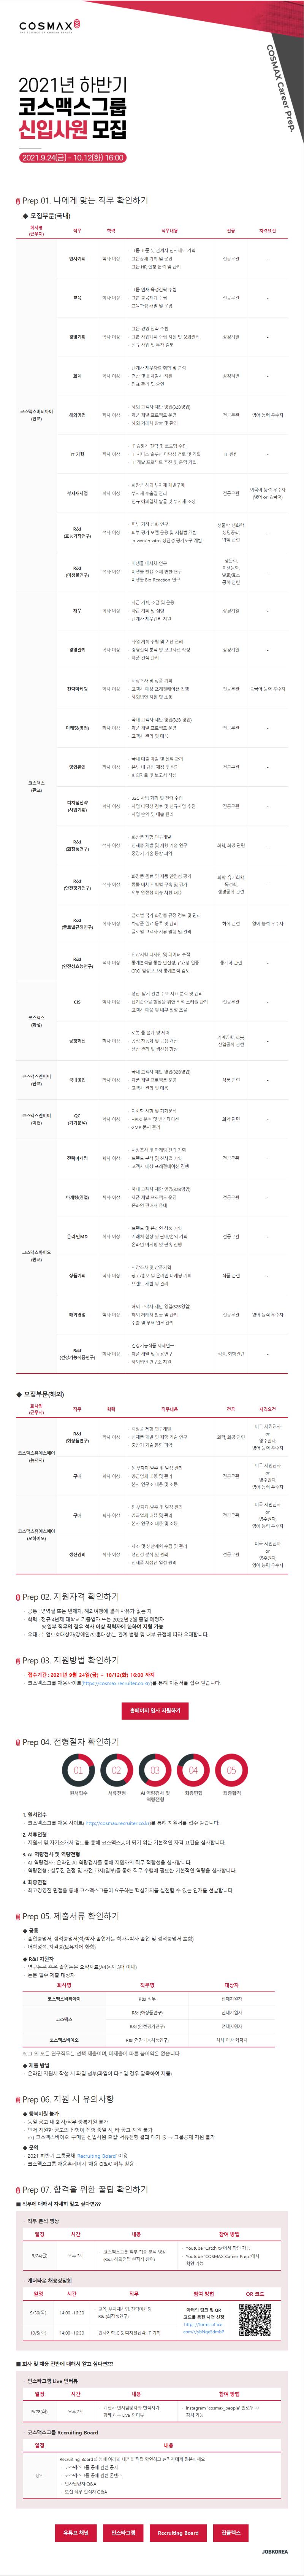 2021년 하반기 코스맥스그룹 신입사원 모집.png